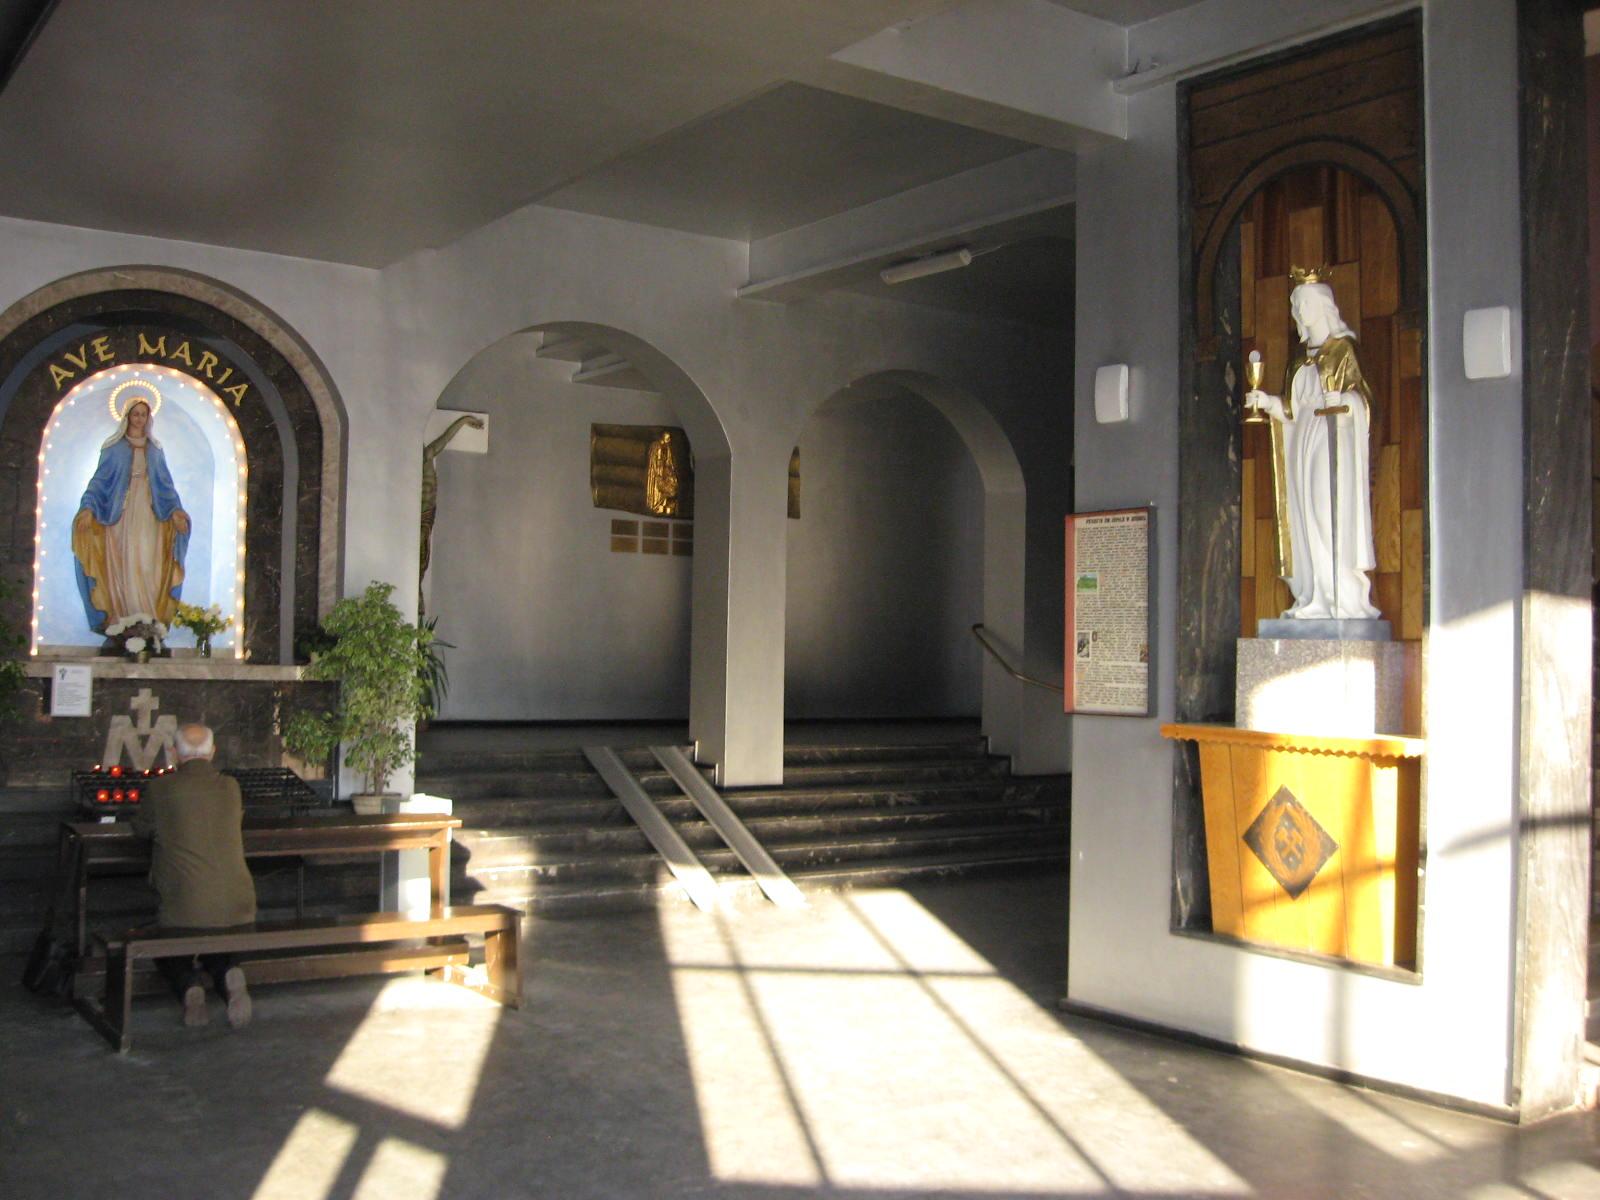 Plik:Kościół św  Kamila w Zabrzu 09 jpg – Wikipedia, wolna